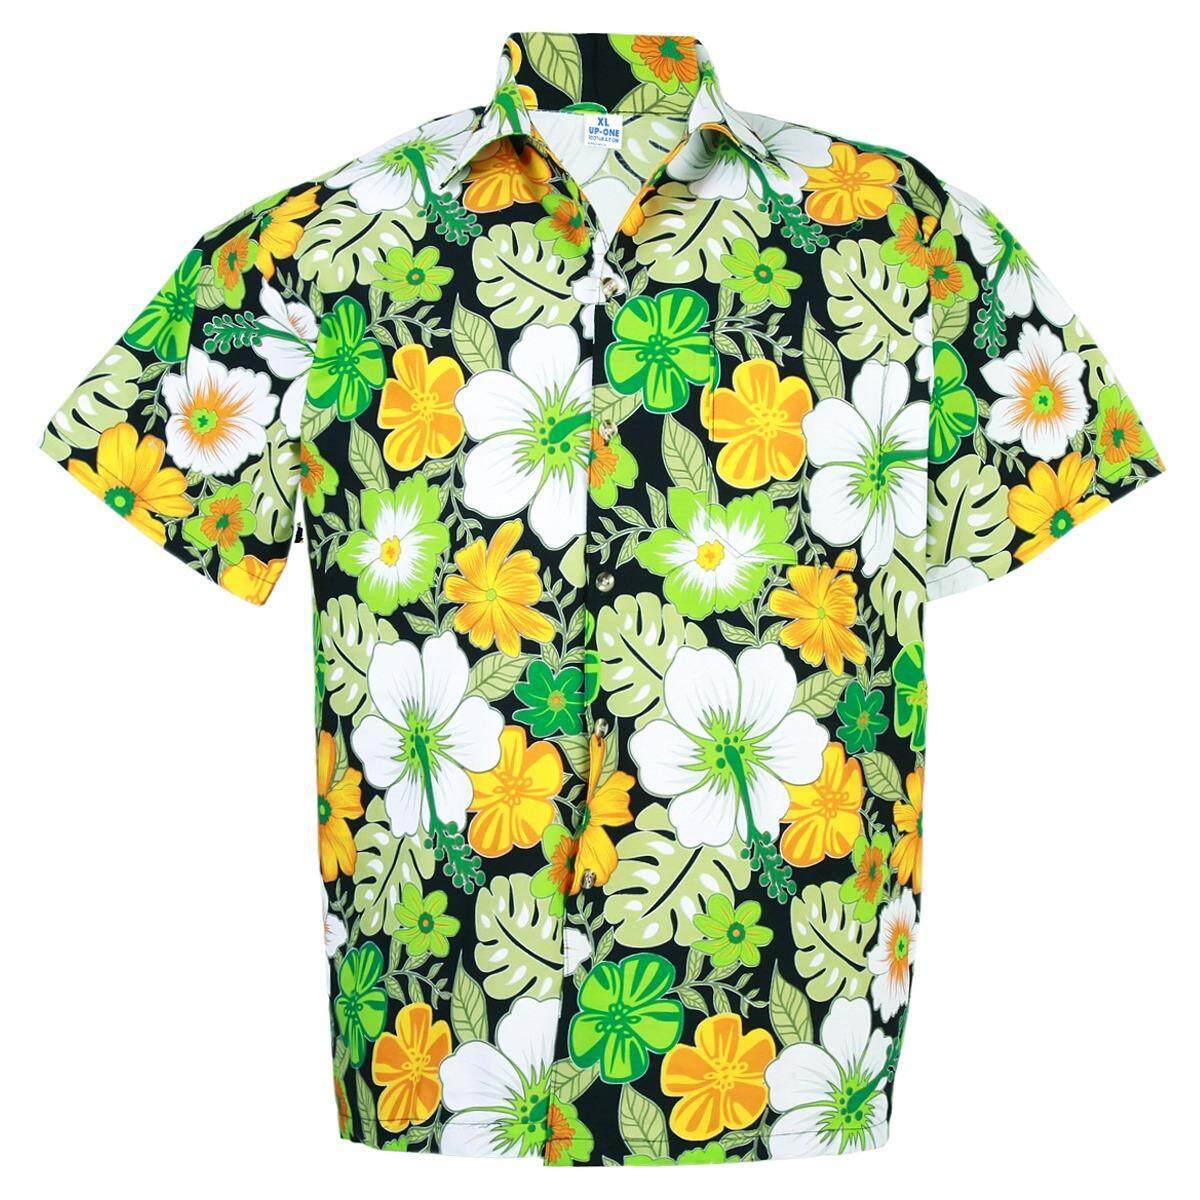 ซื้อ Hawaiian Shirt Cotton เสื้อเชิ้ตฮาวาย Colorful Flower Leisure Beach Holiday รุ่น Cotton Hd909 Un Branded